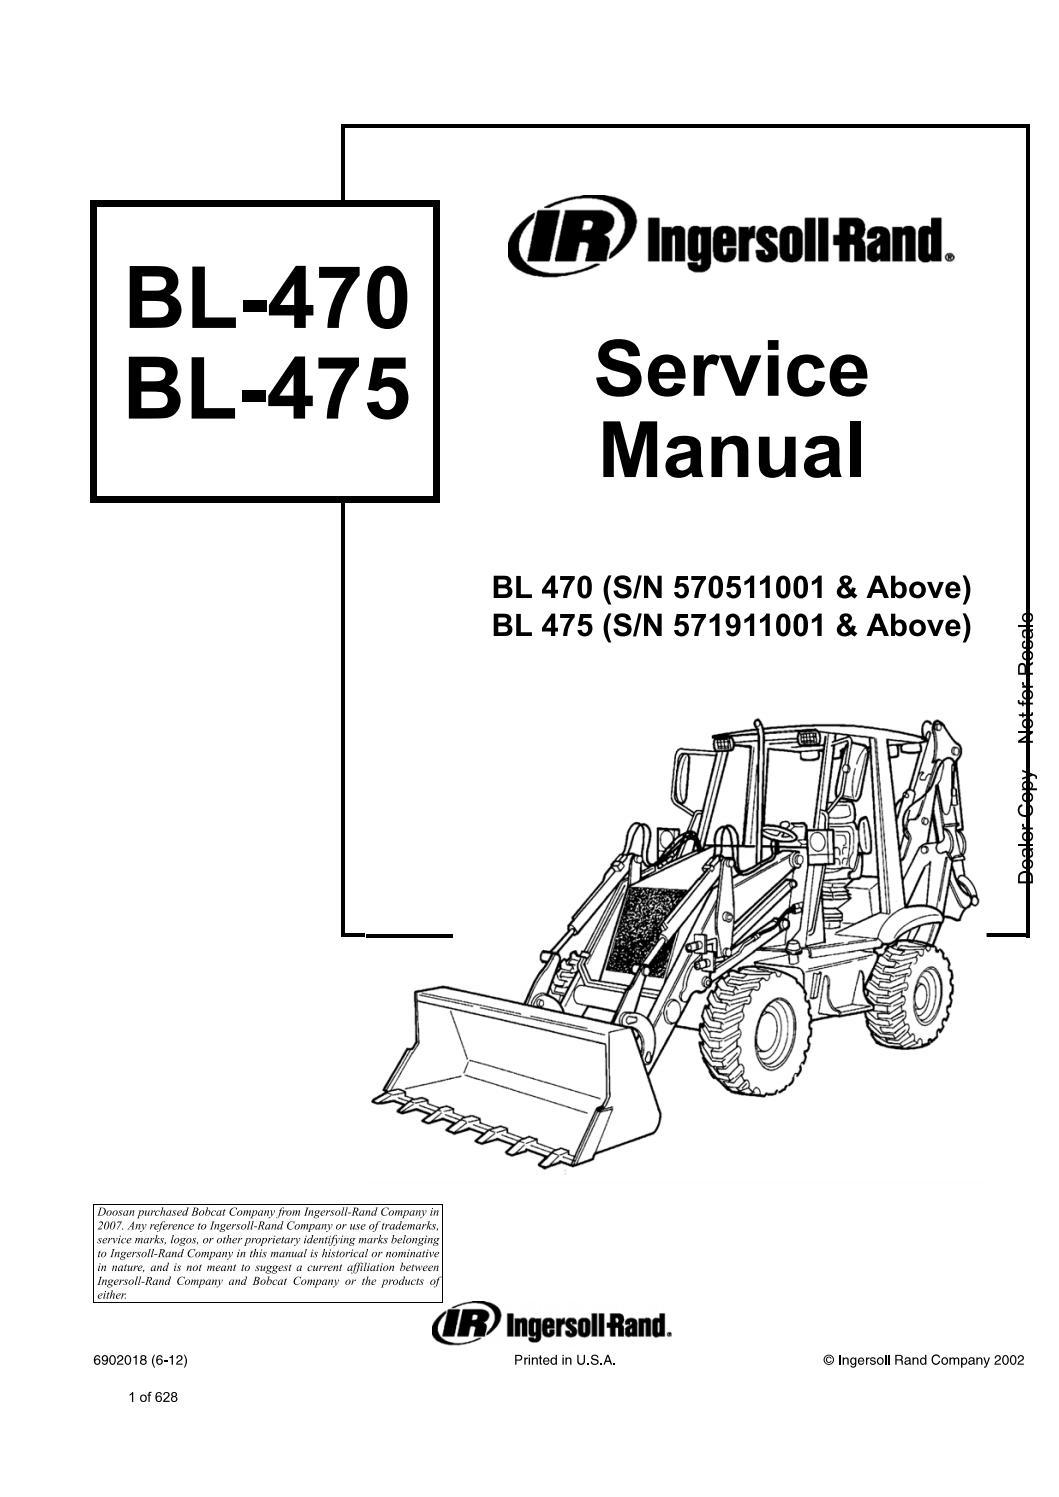 Bobcat Ingersoll Rand BL470, BL475 Backhoe Loader Service